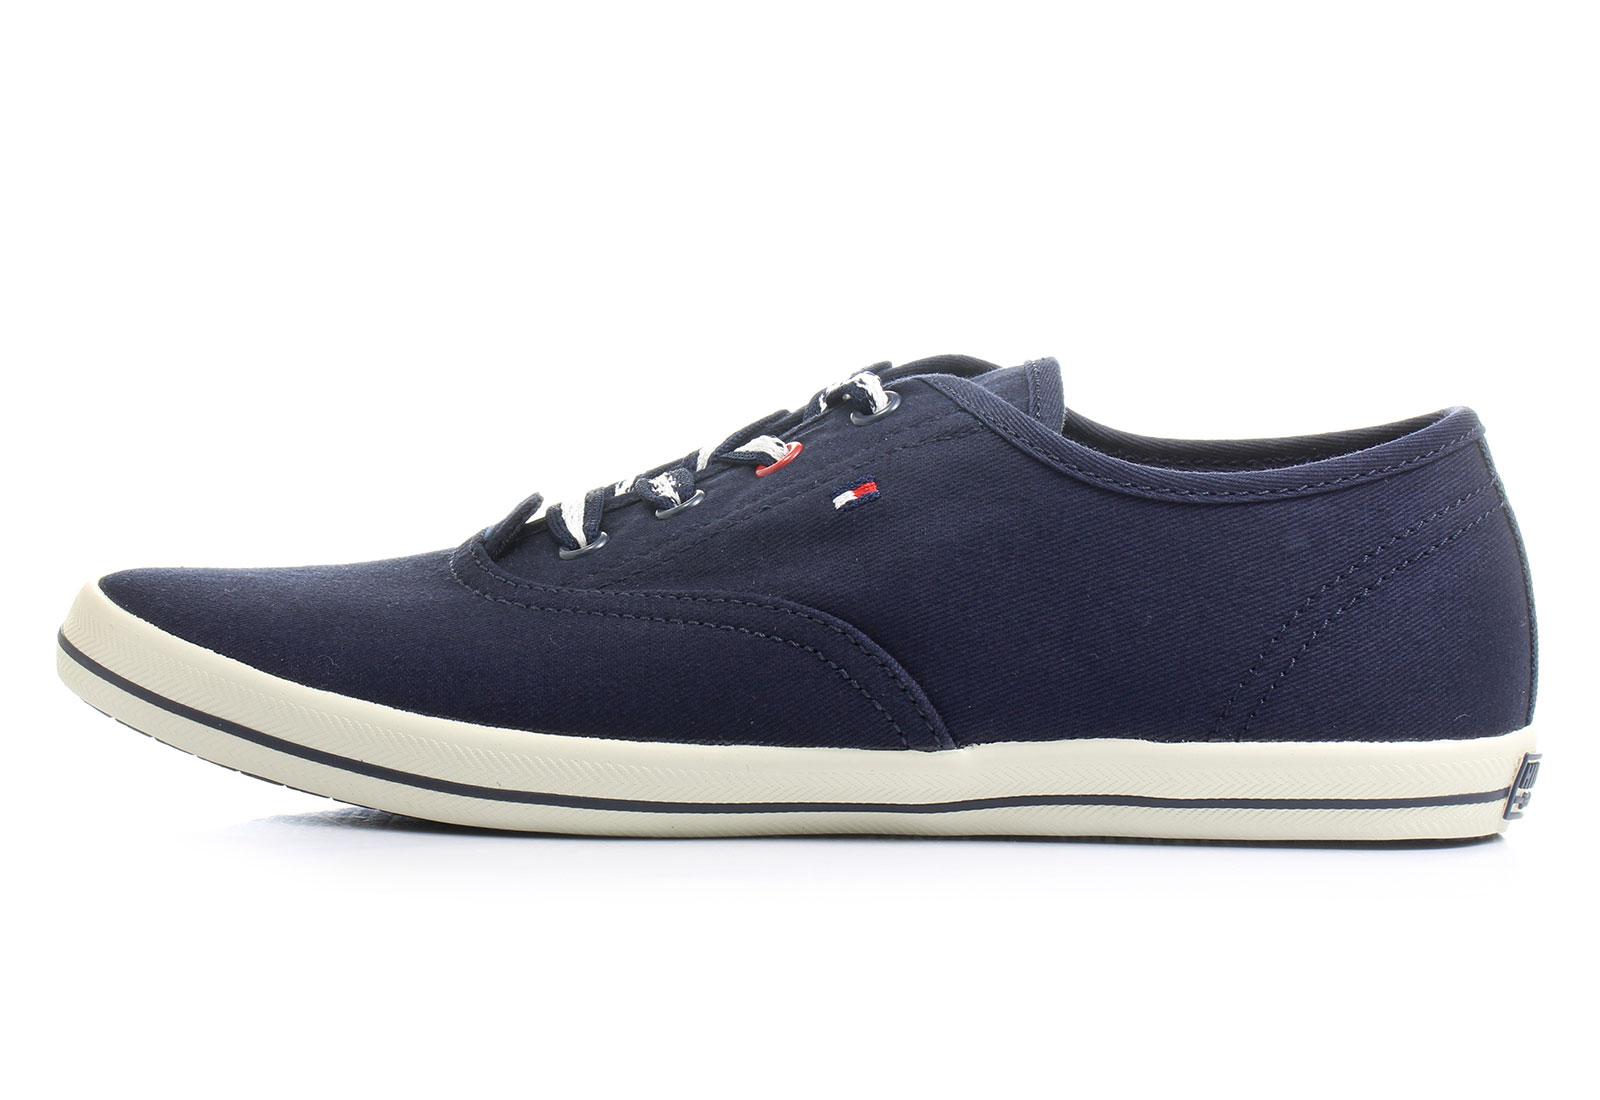 tommy hilfiger shoes victoria 1d 16s 0836 403 online shop for. Black Bedroom Furniture Sets. Home Design Ideas